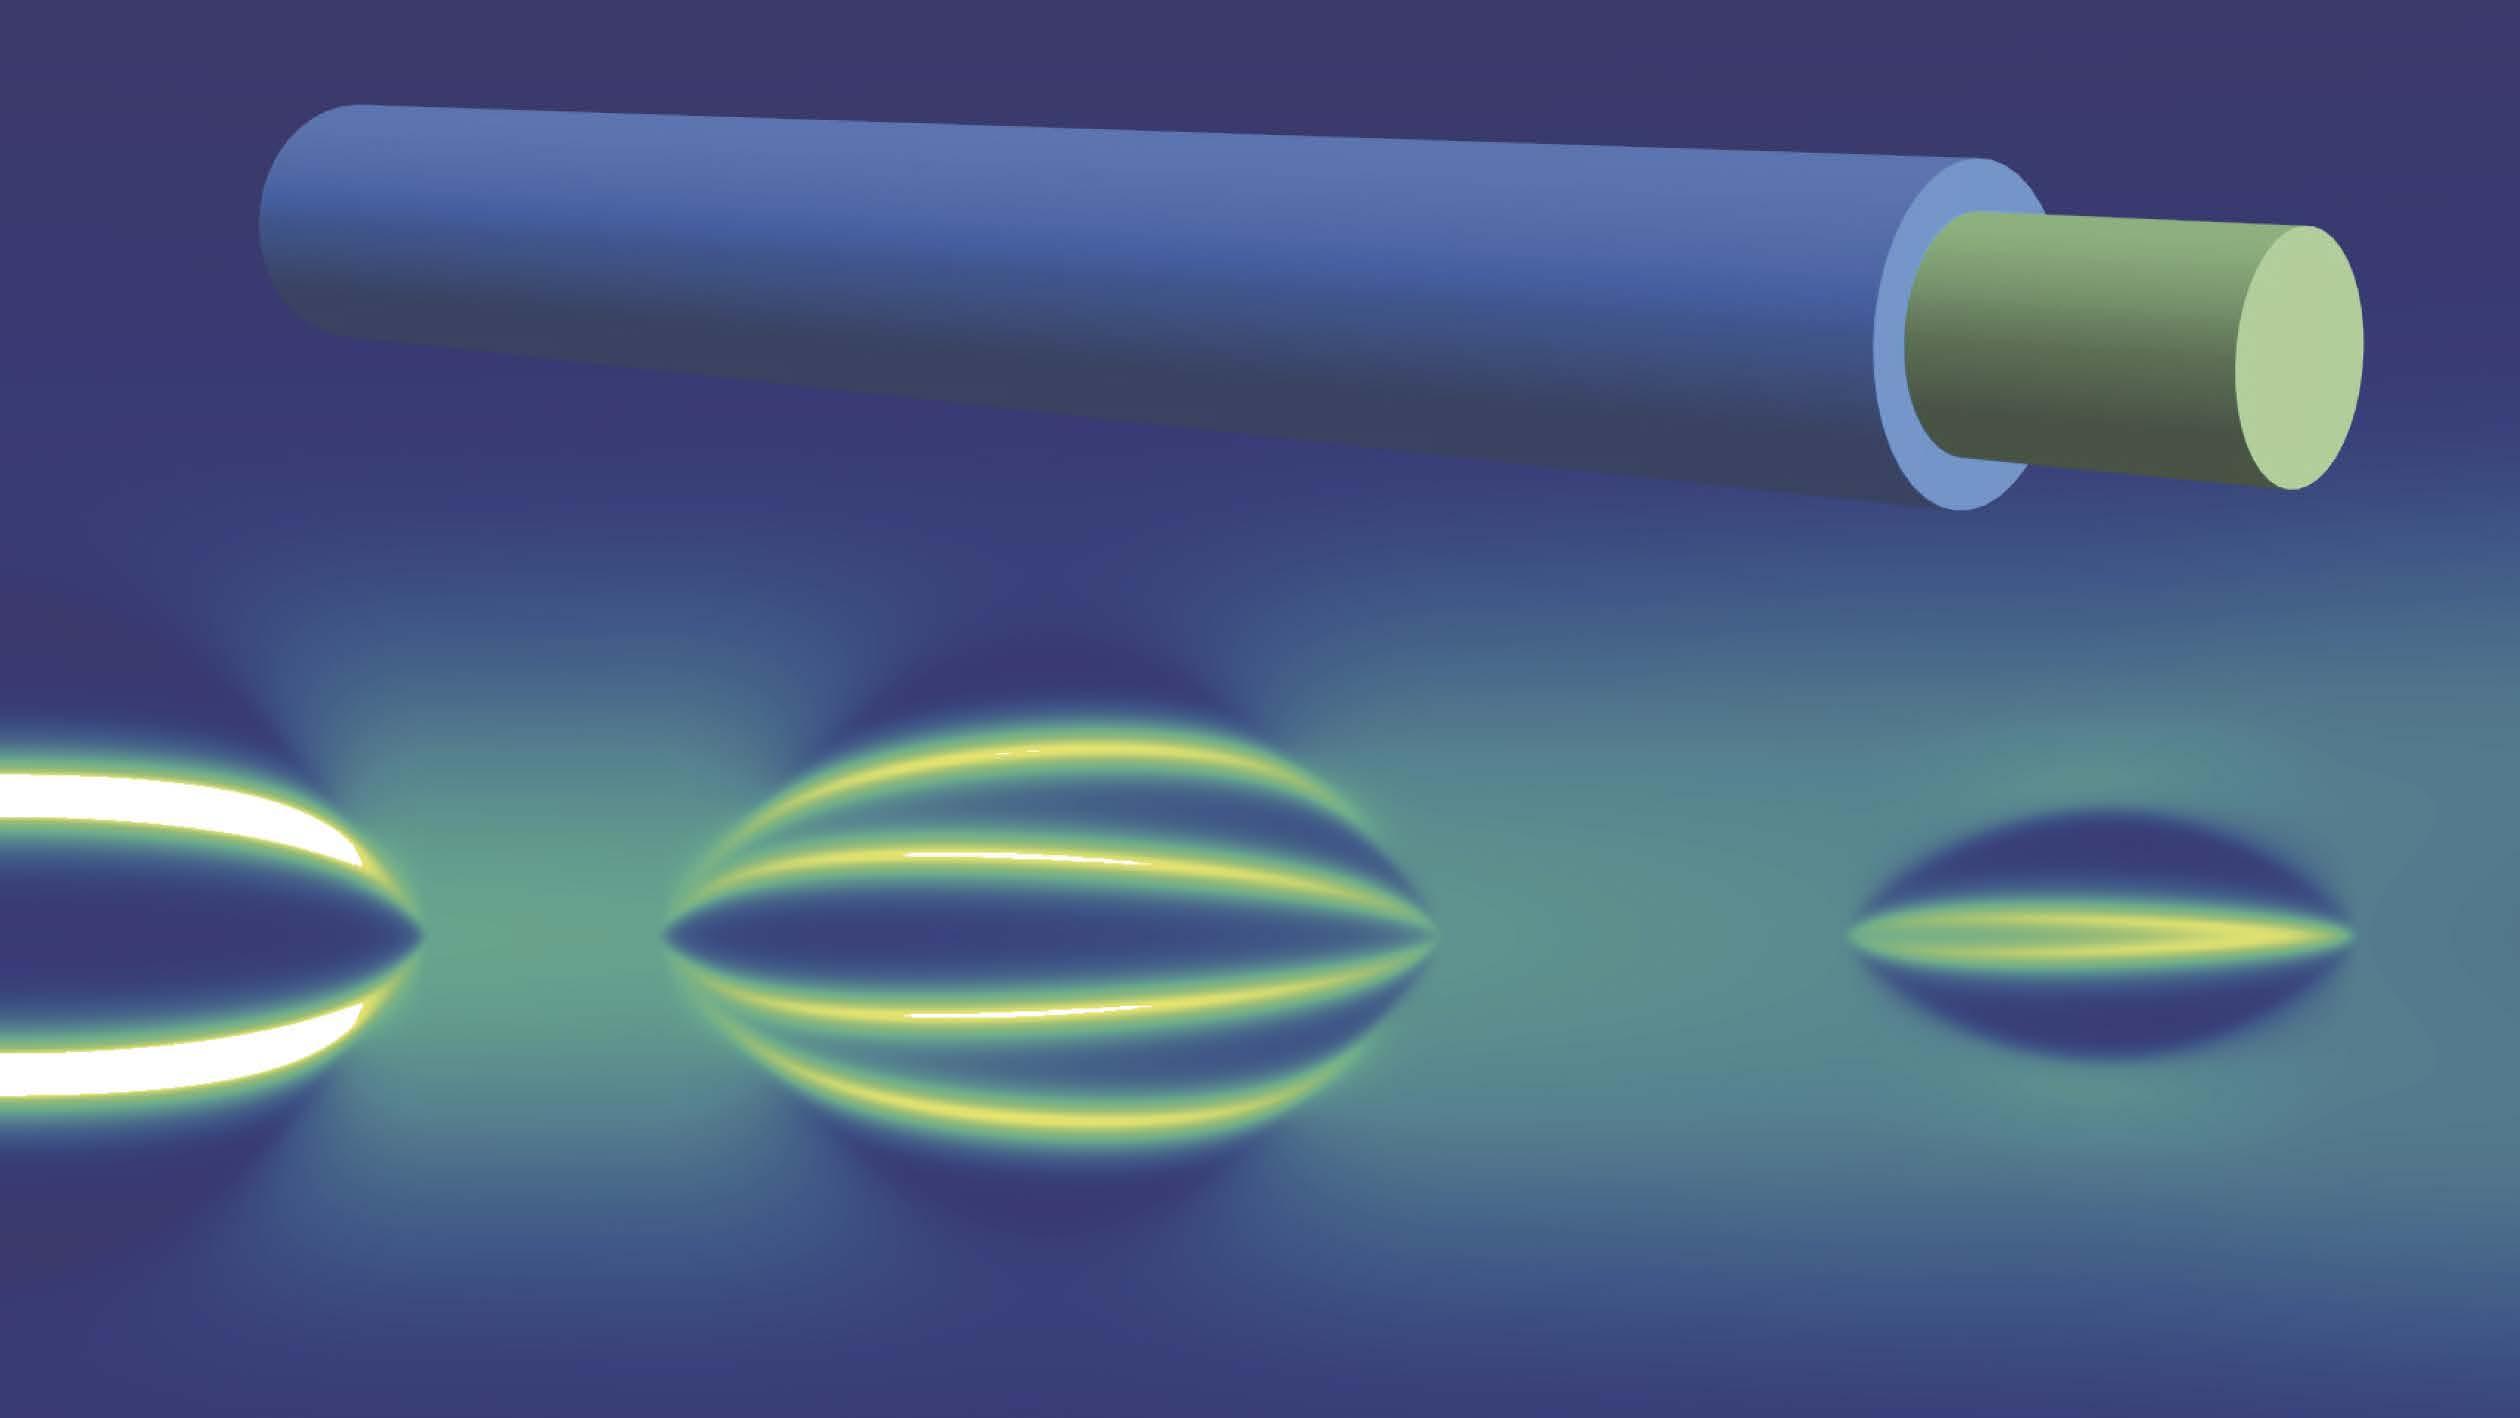 Recreación artística de un nanohilo semiconductor recubierto por una capa superconductora nanométrica.